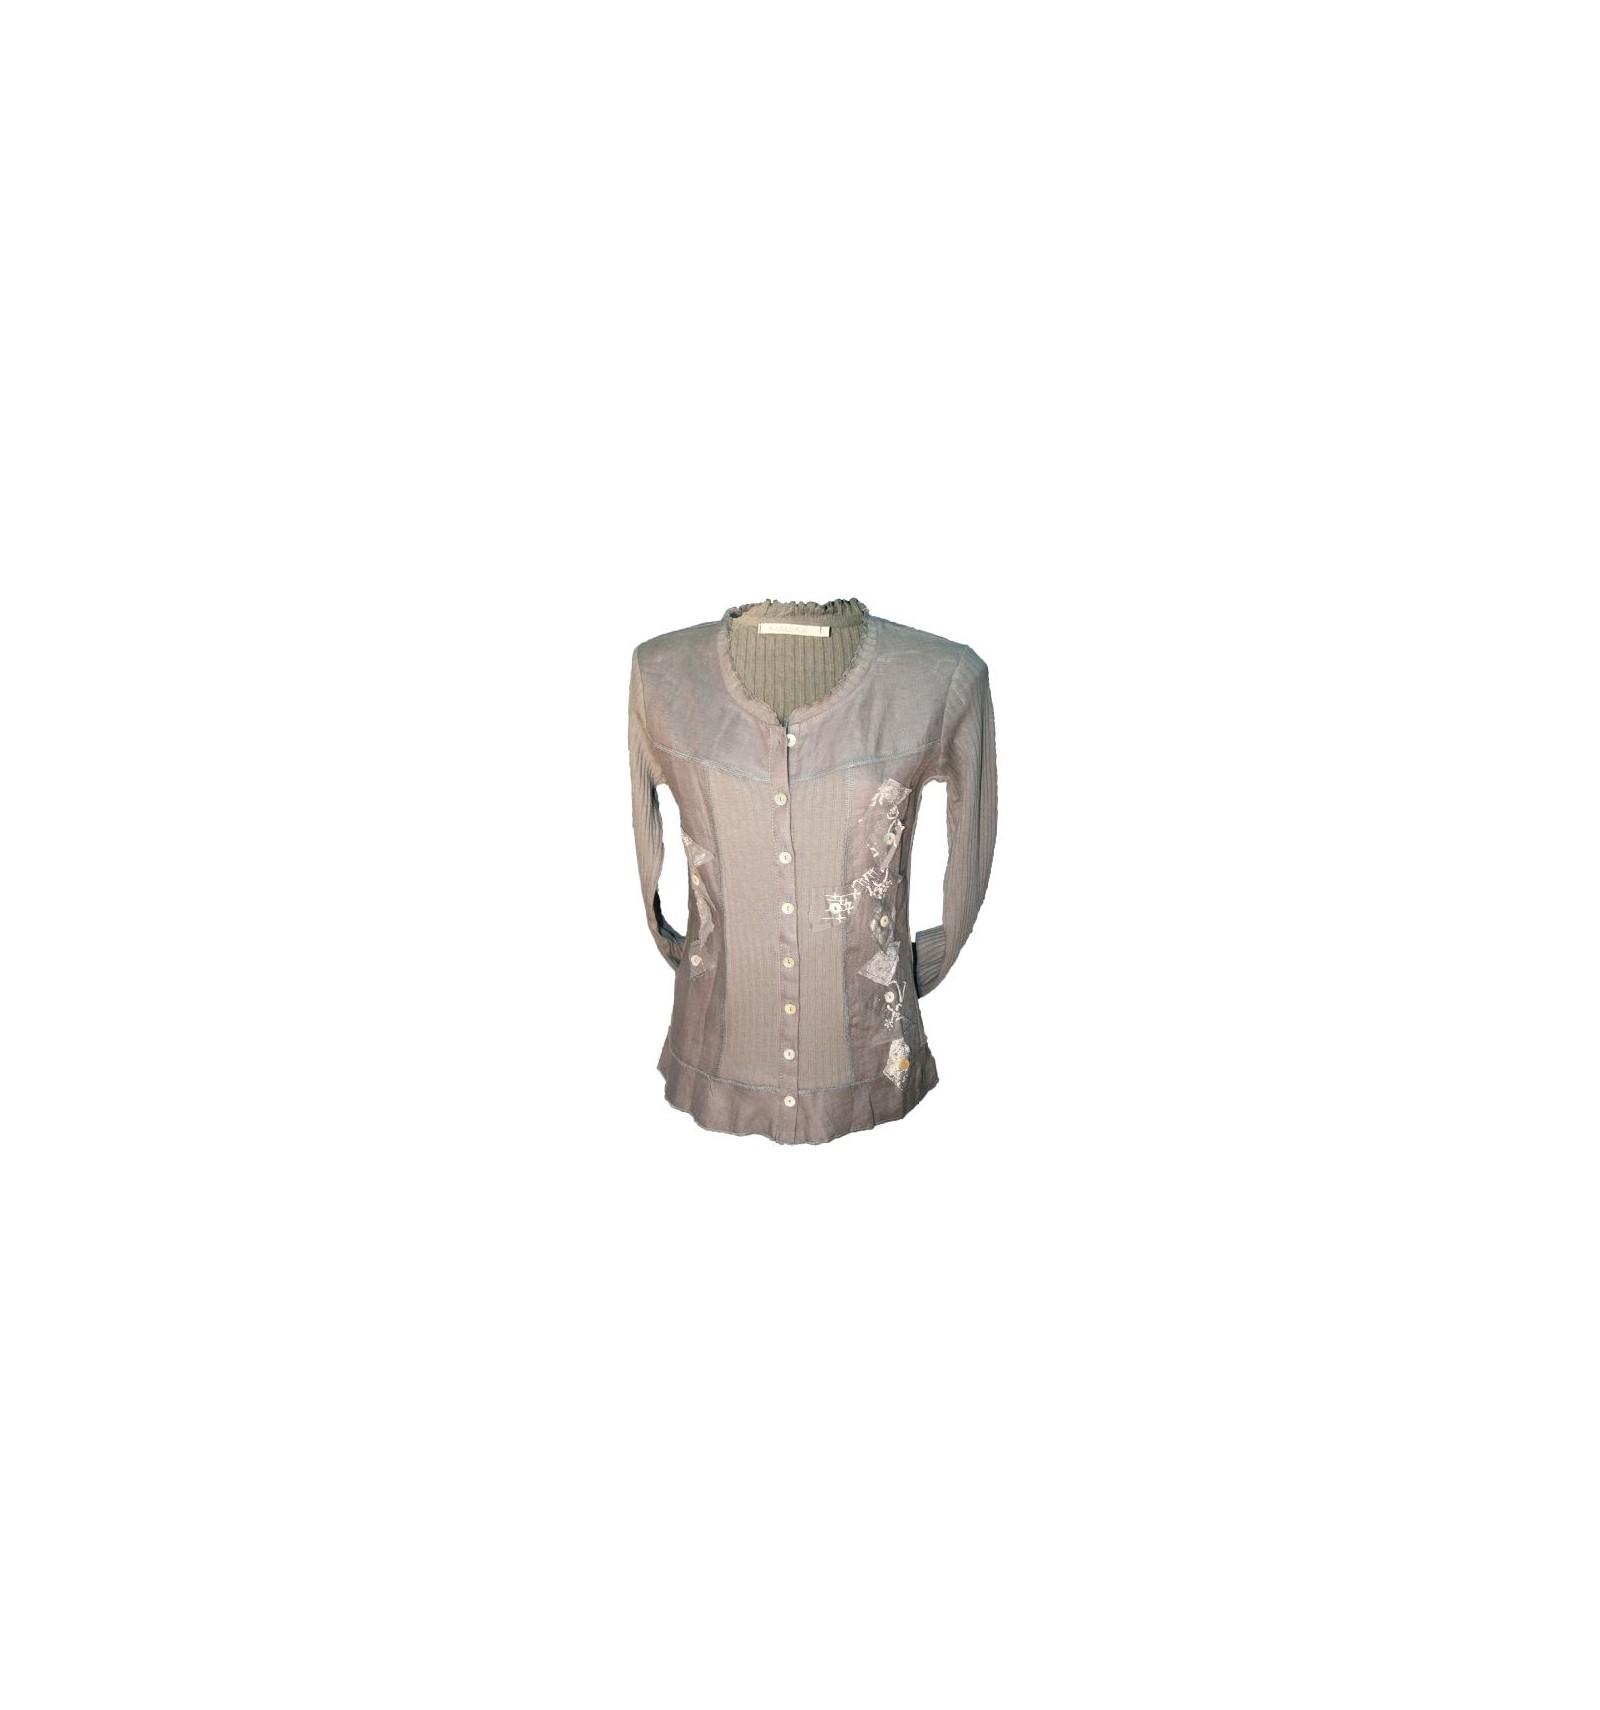 Vêtement Vêtement Été Lin Maloka Maloka Maloka Veste Mode Collection De Vente Printemps OUqxU1wtF8